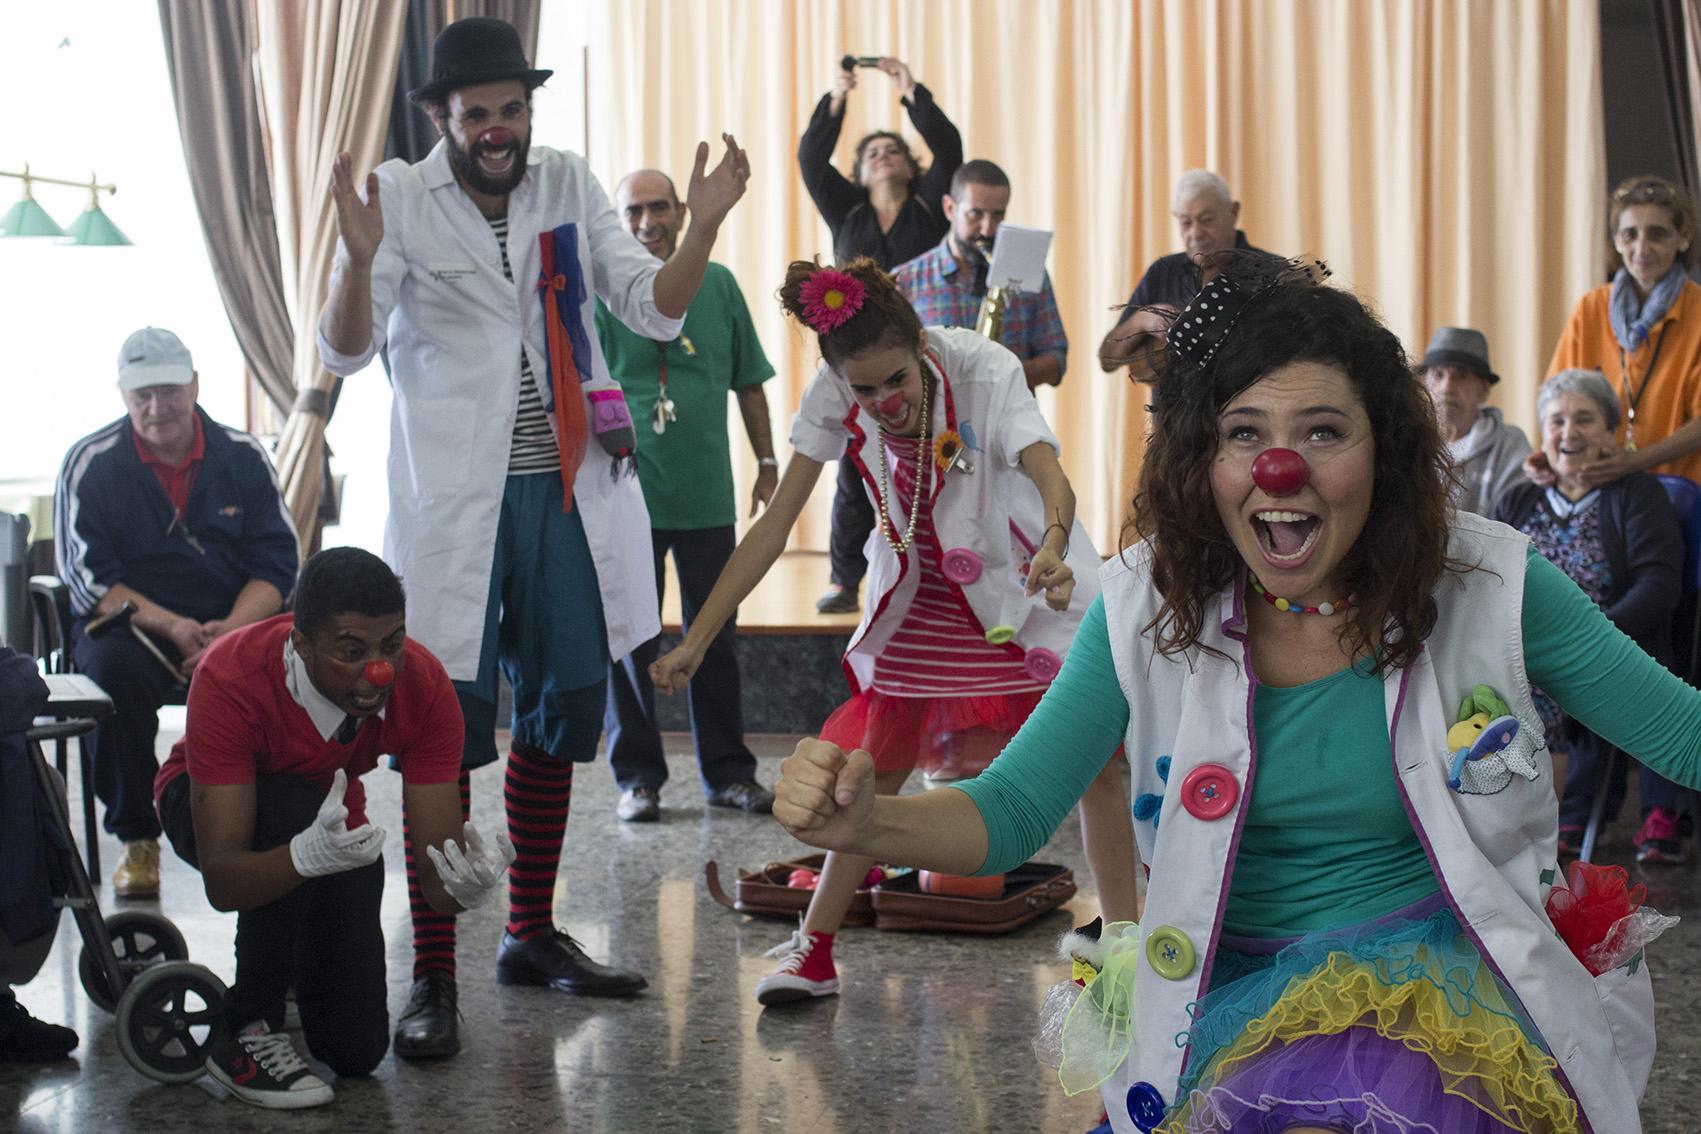 Comienza el XIII Festival Internacional Clownbaret con 150 actividades y espectáculos